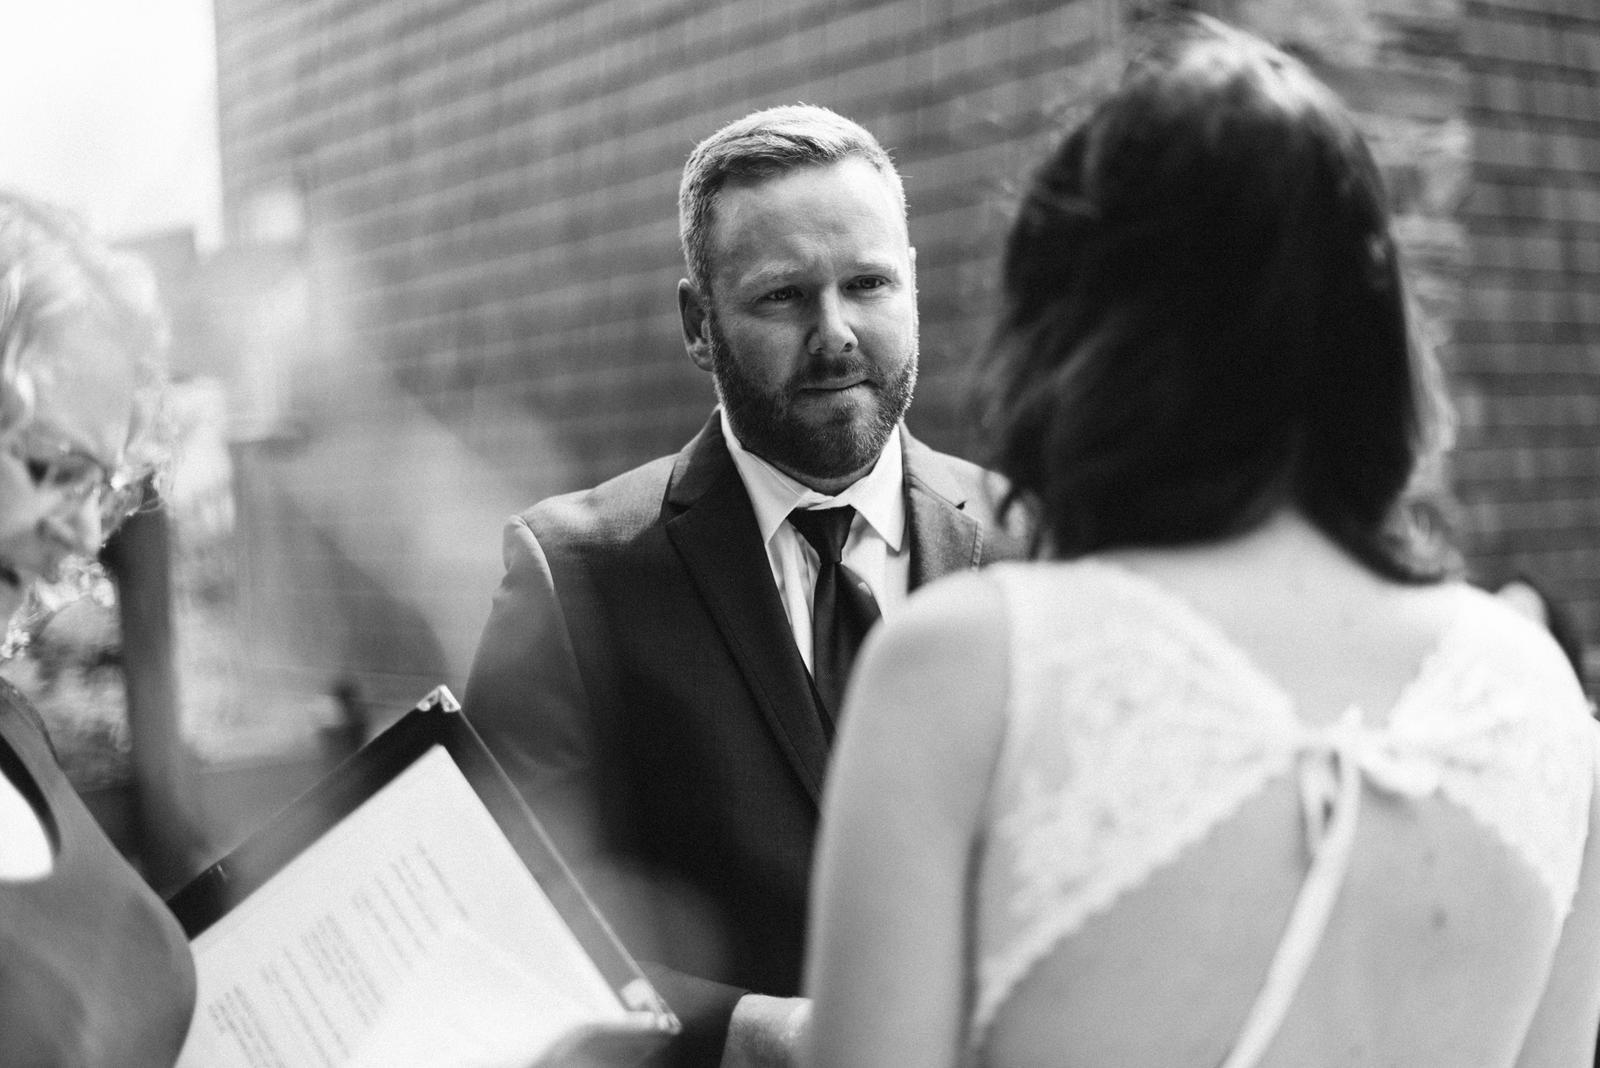 Kanadská svatba, Canmore - Obrázek č. 3